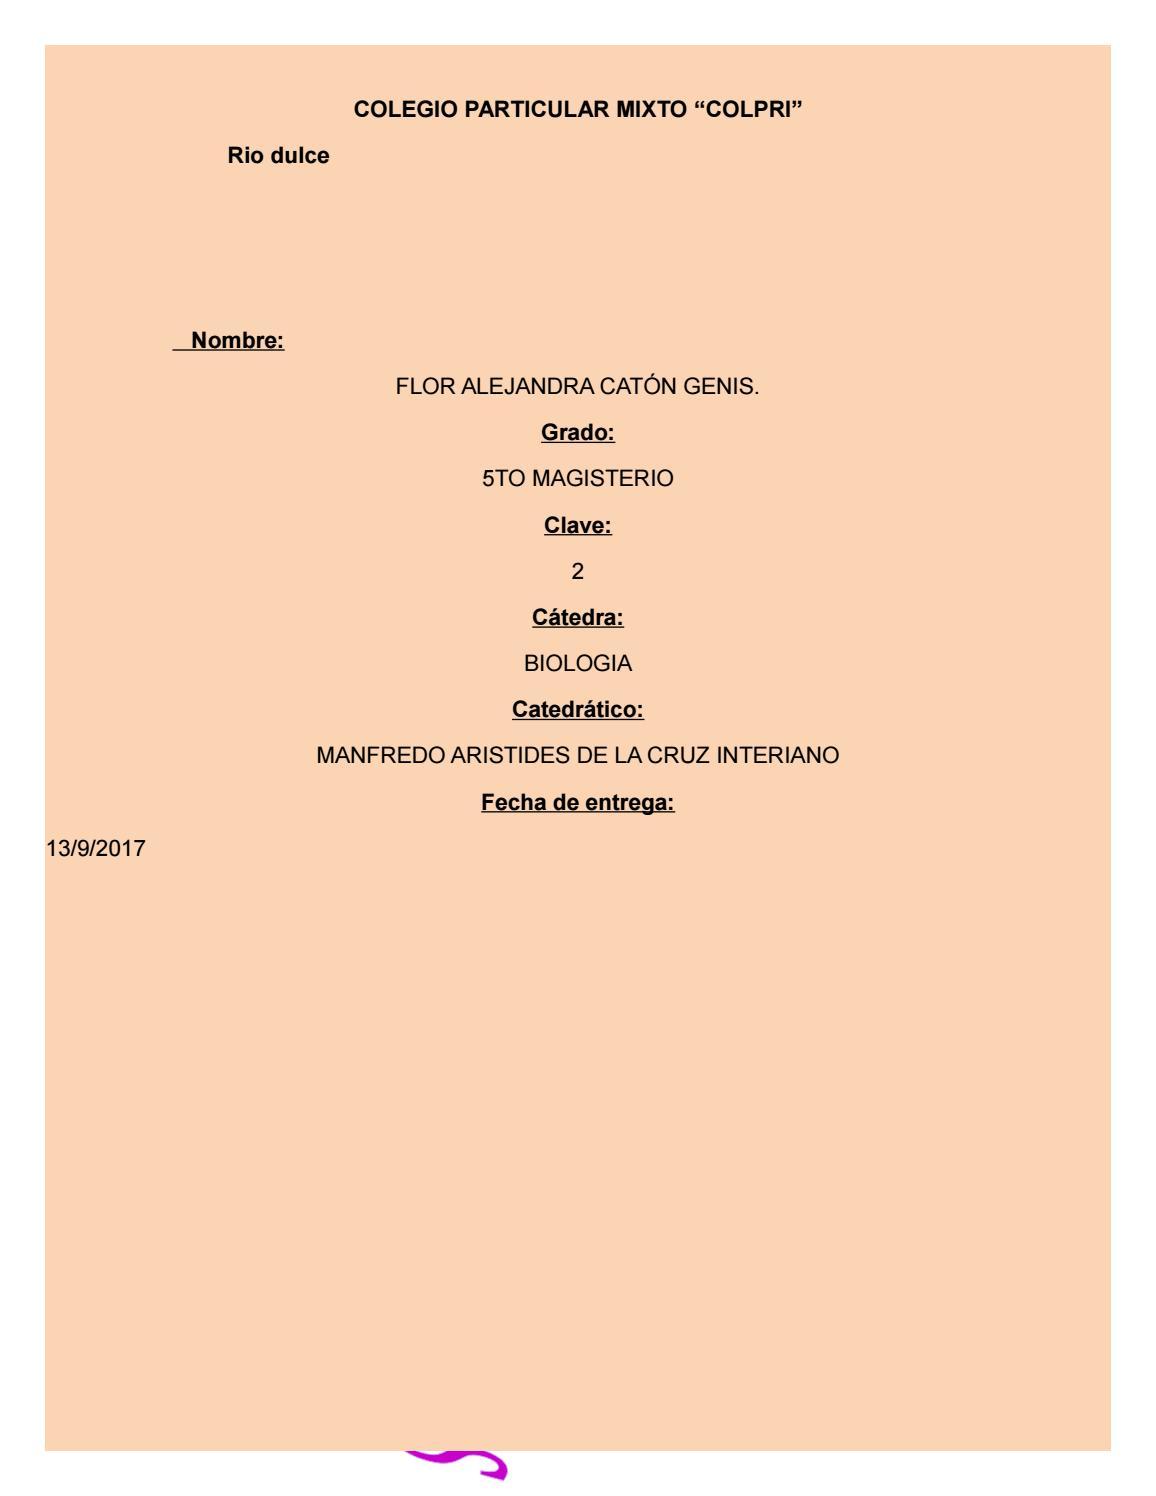 Anatomía y fisiología de las plantas by flor alejandra - issuu